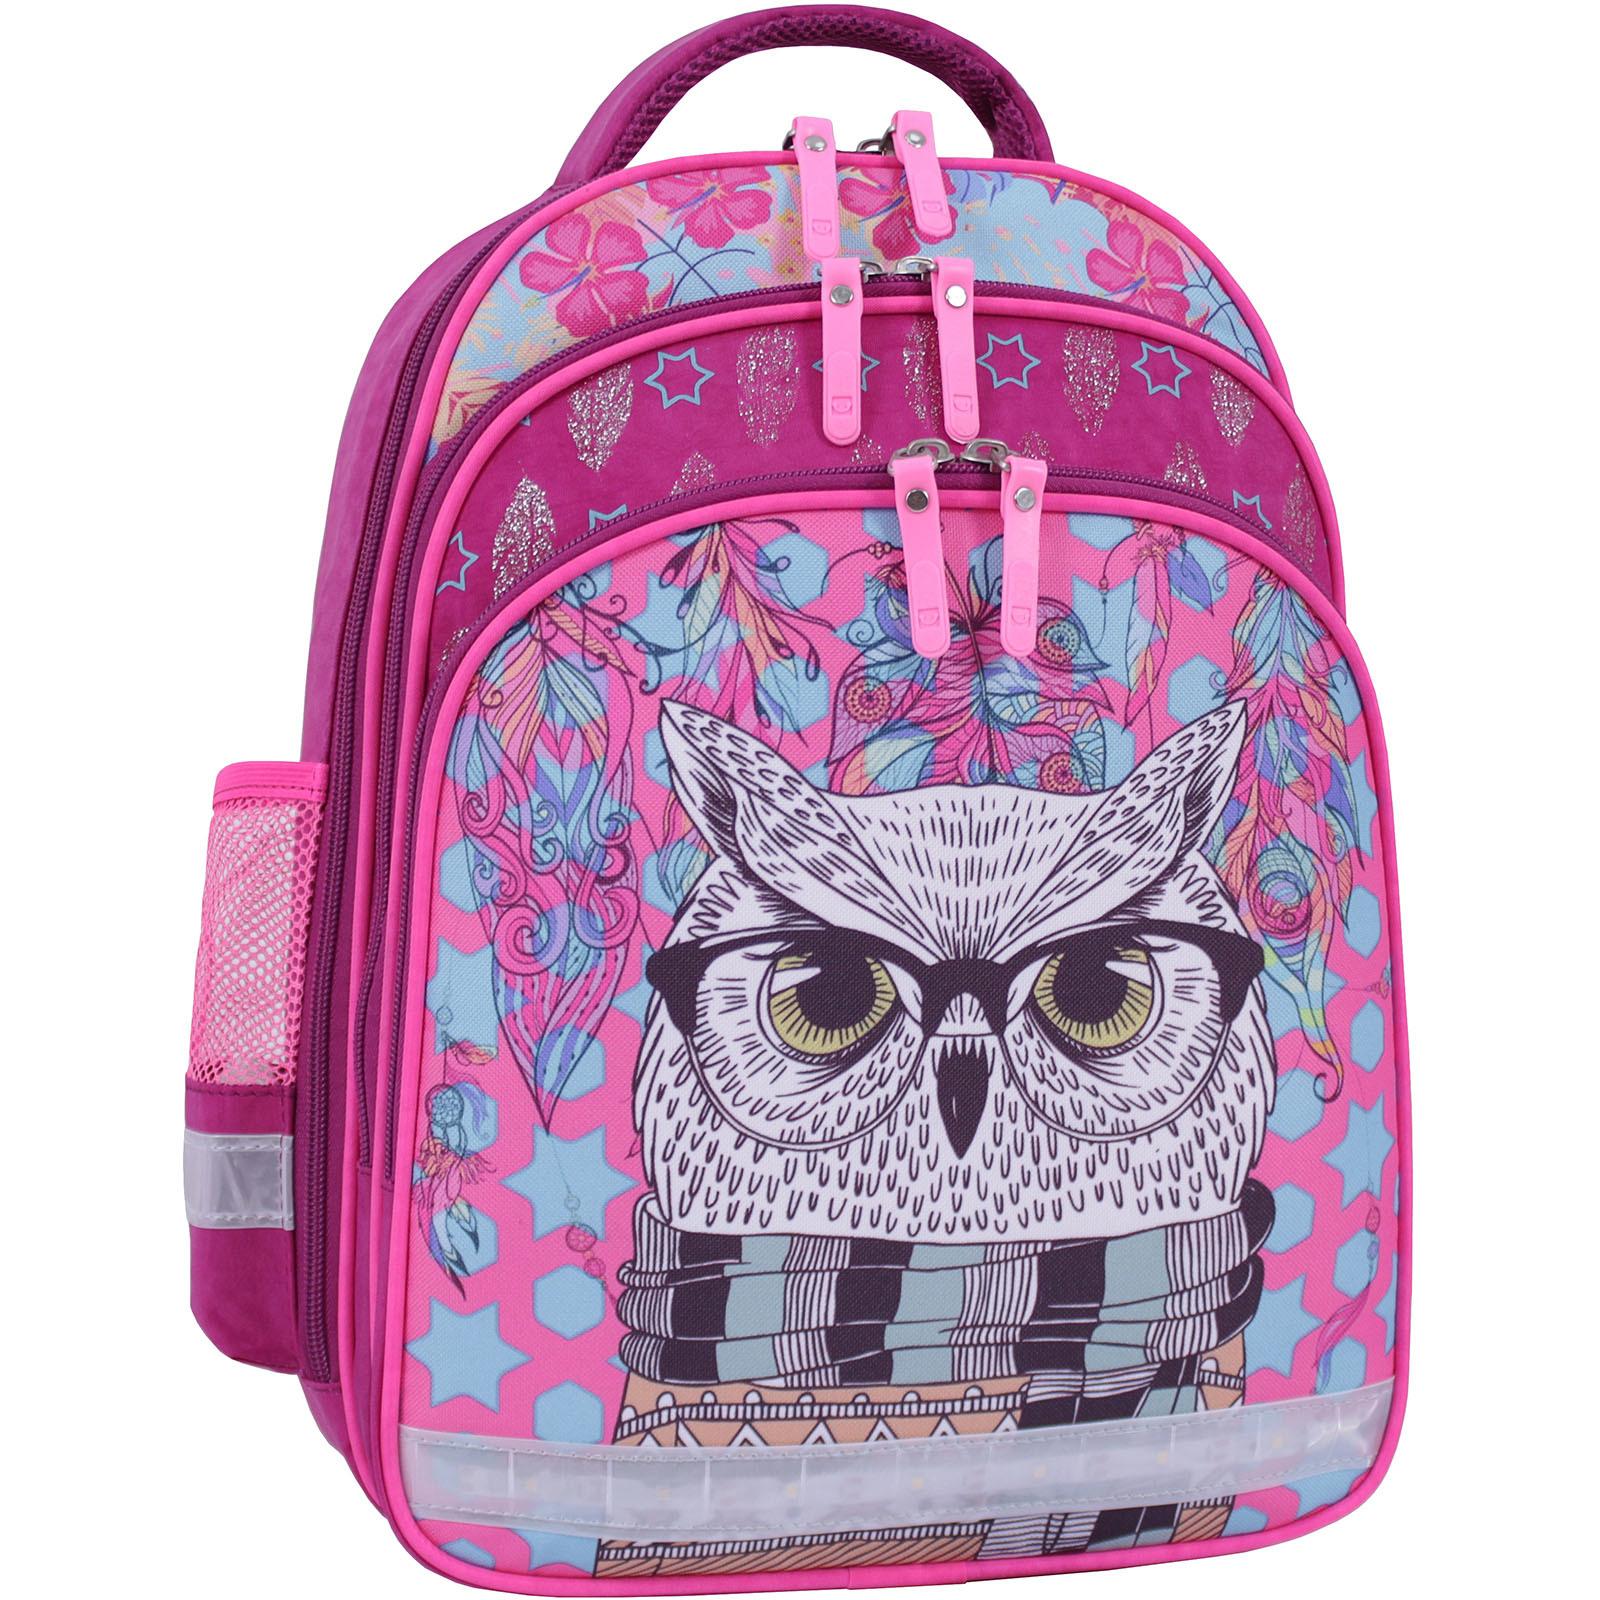 Рюкзак школьный Bagland Mouse 143 малиновый 514 (0051370) фото 1